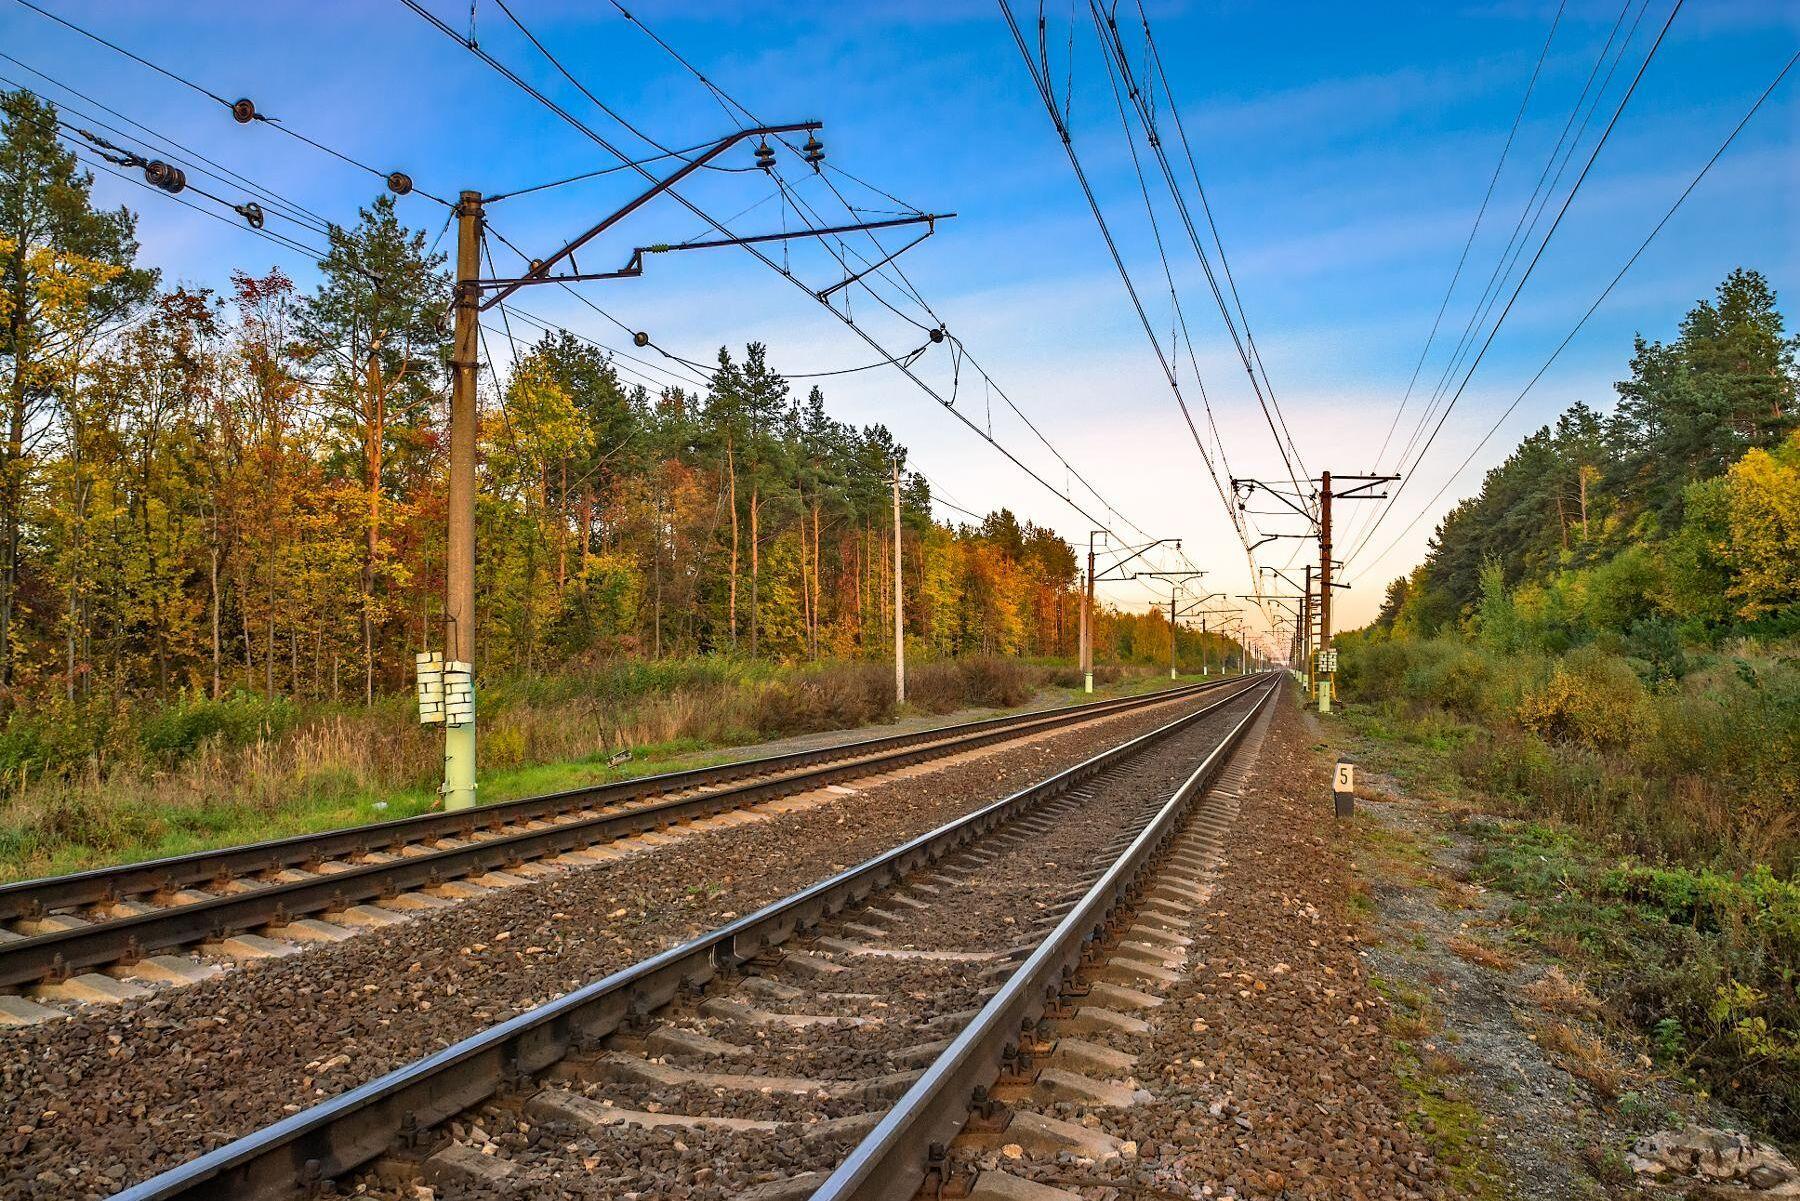 1424 tamdjur om året rapporterades in som påkörda på järnvägen mellan 2012 och 2020.